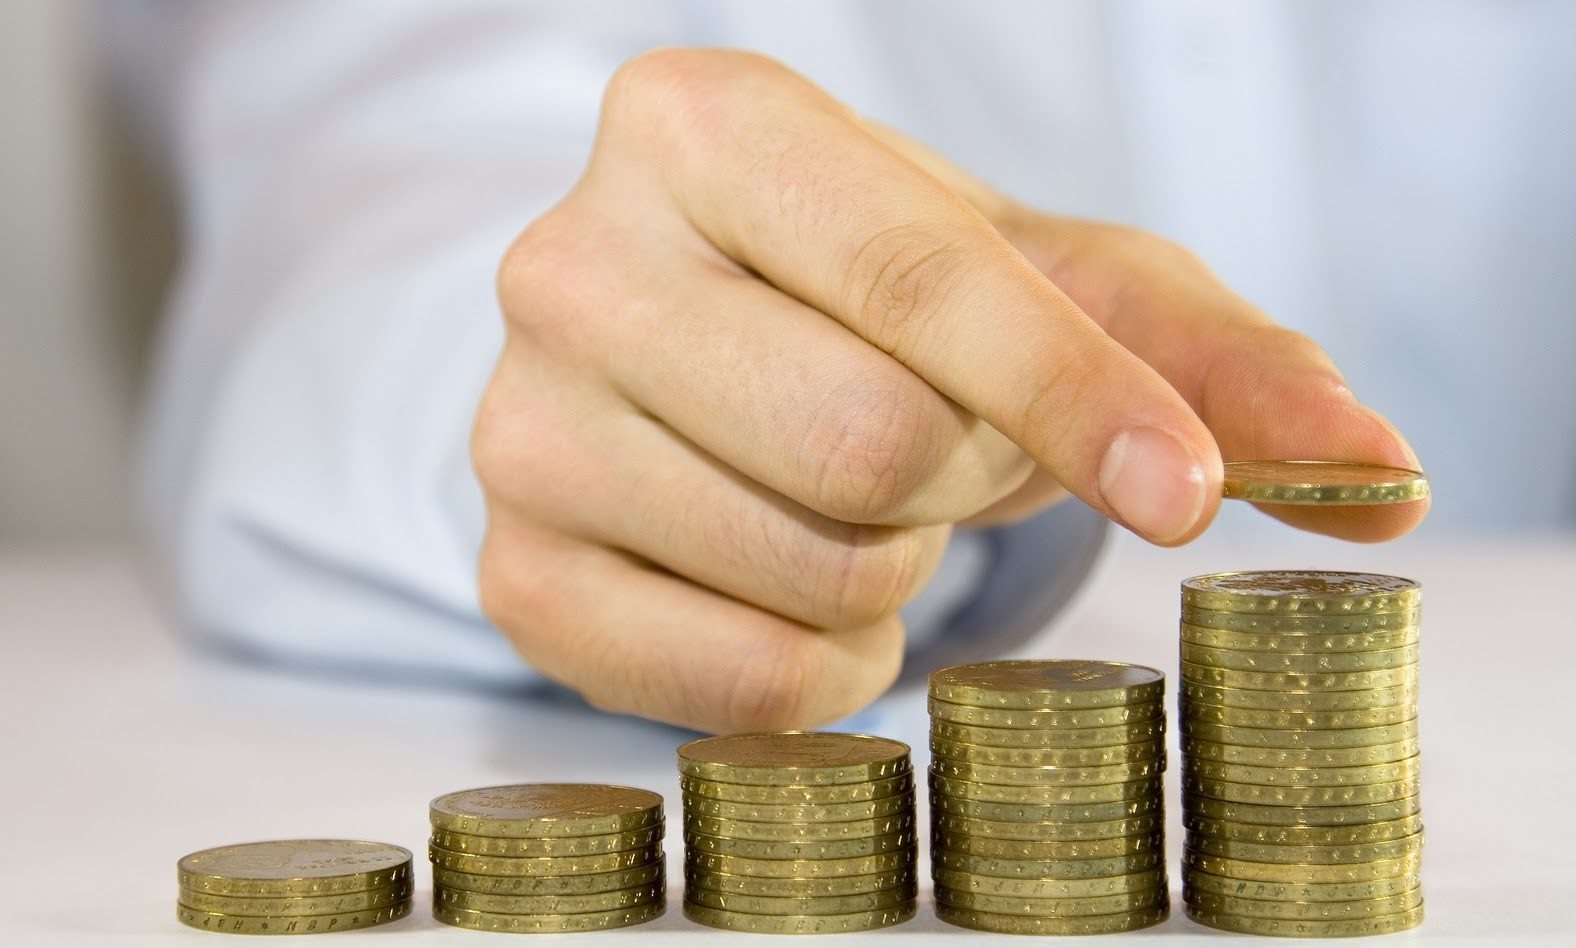 sok pénzt keresni a semmiből pénzkeresés az interneten pastavit laik